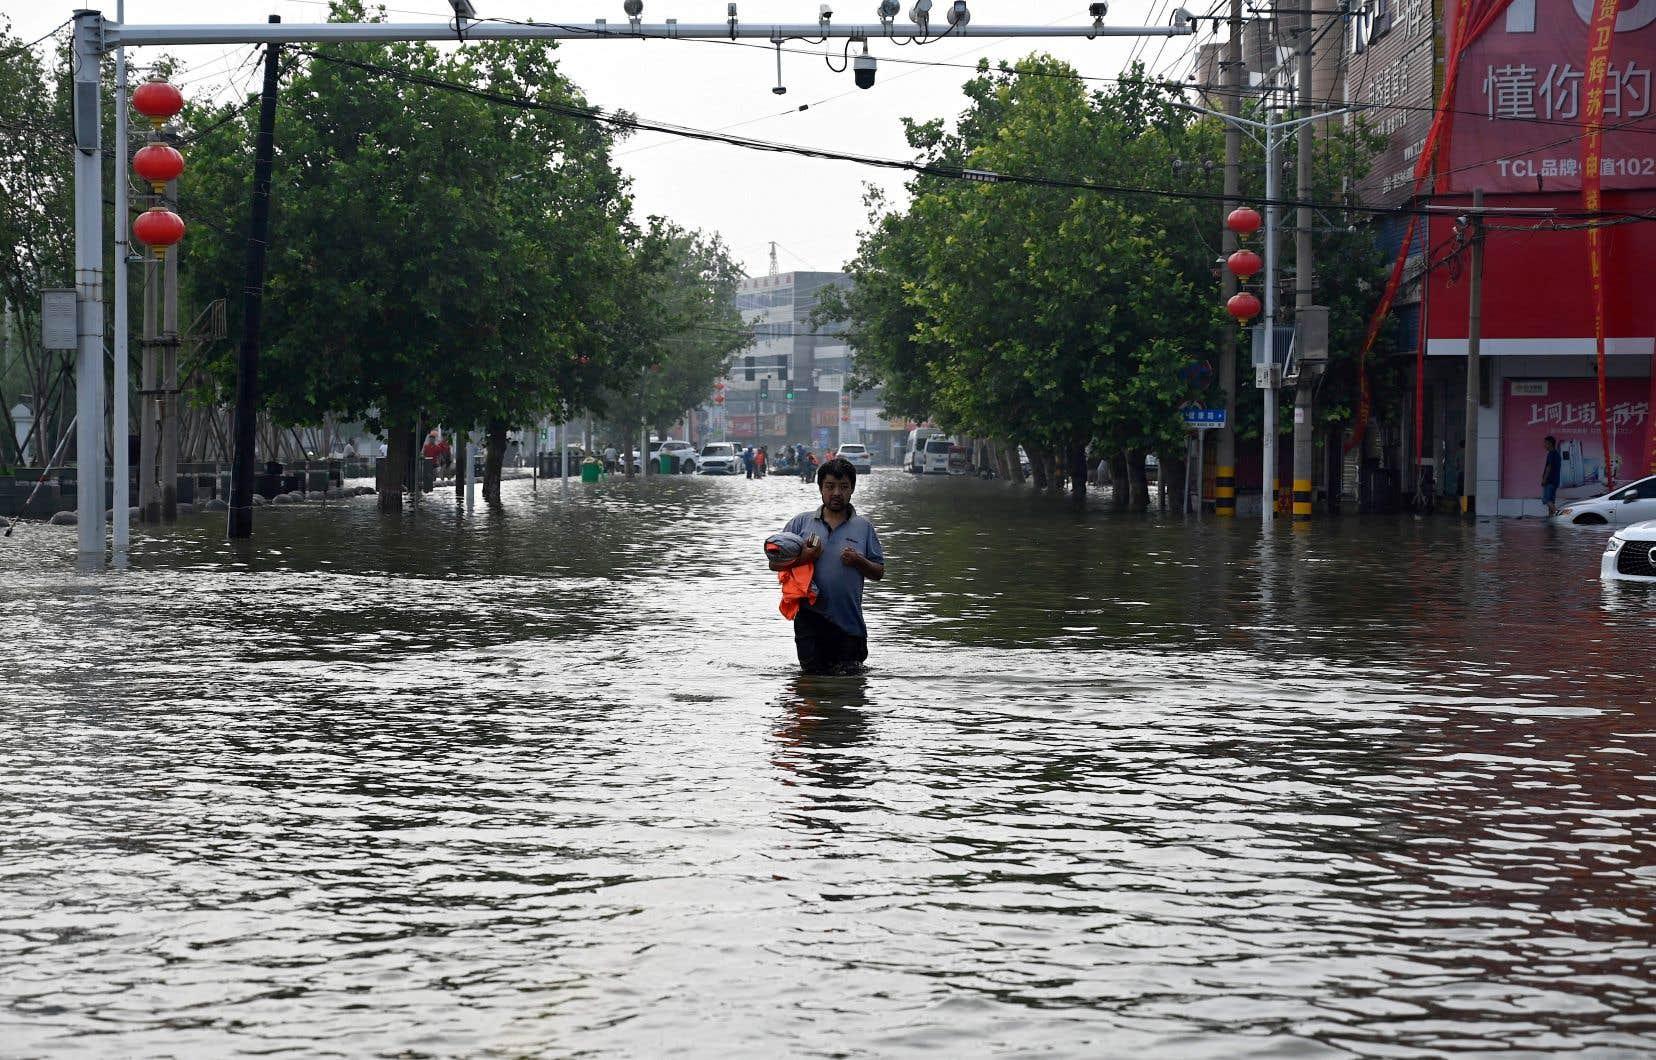 Le Henan, troisième province chinoise par la population avec près de 100 millions d'habitants, a été frappé par des précipitations records ces derniers jours, transformant les rues en rivières.